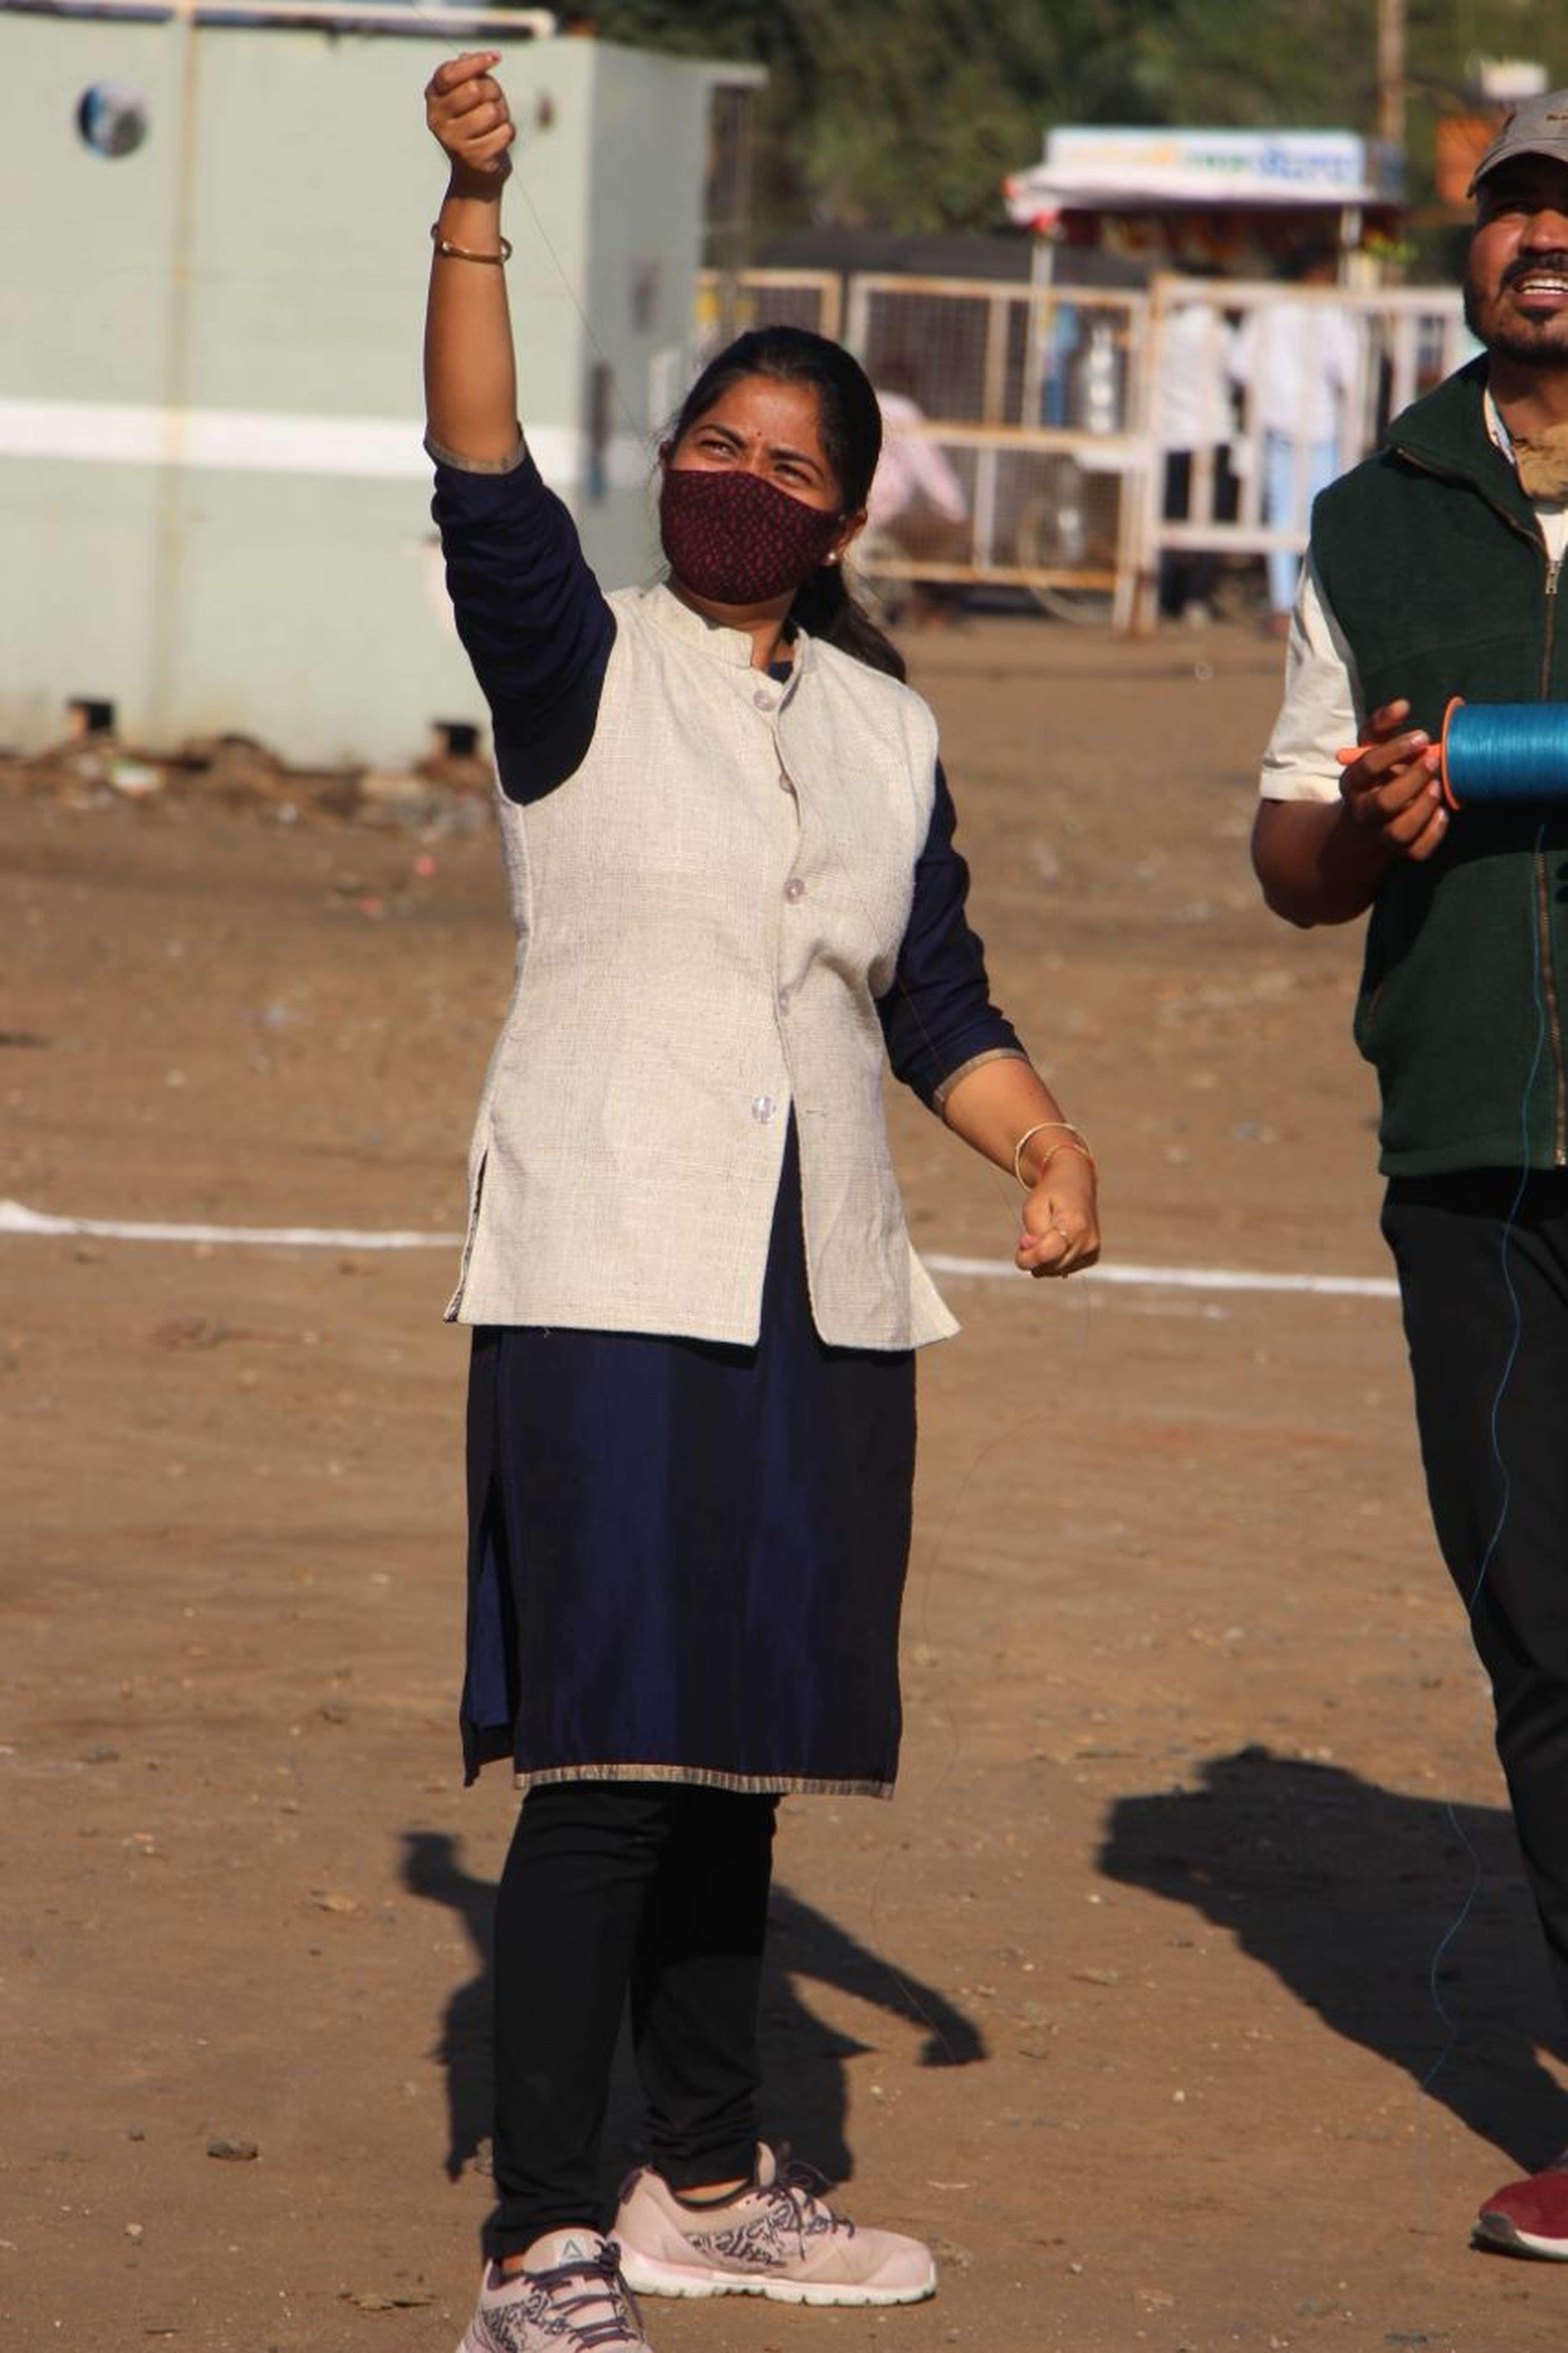 विधायक ने थामी चकरी, सीएमओ ने उडाई पतंग (देखे वीडियो)